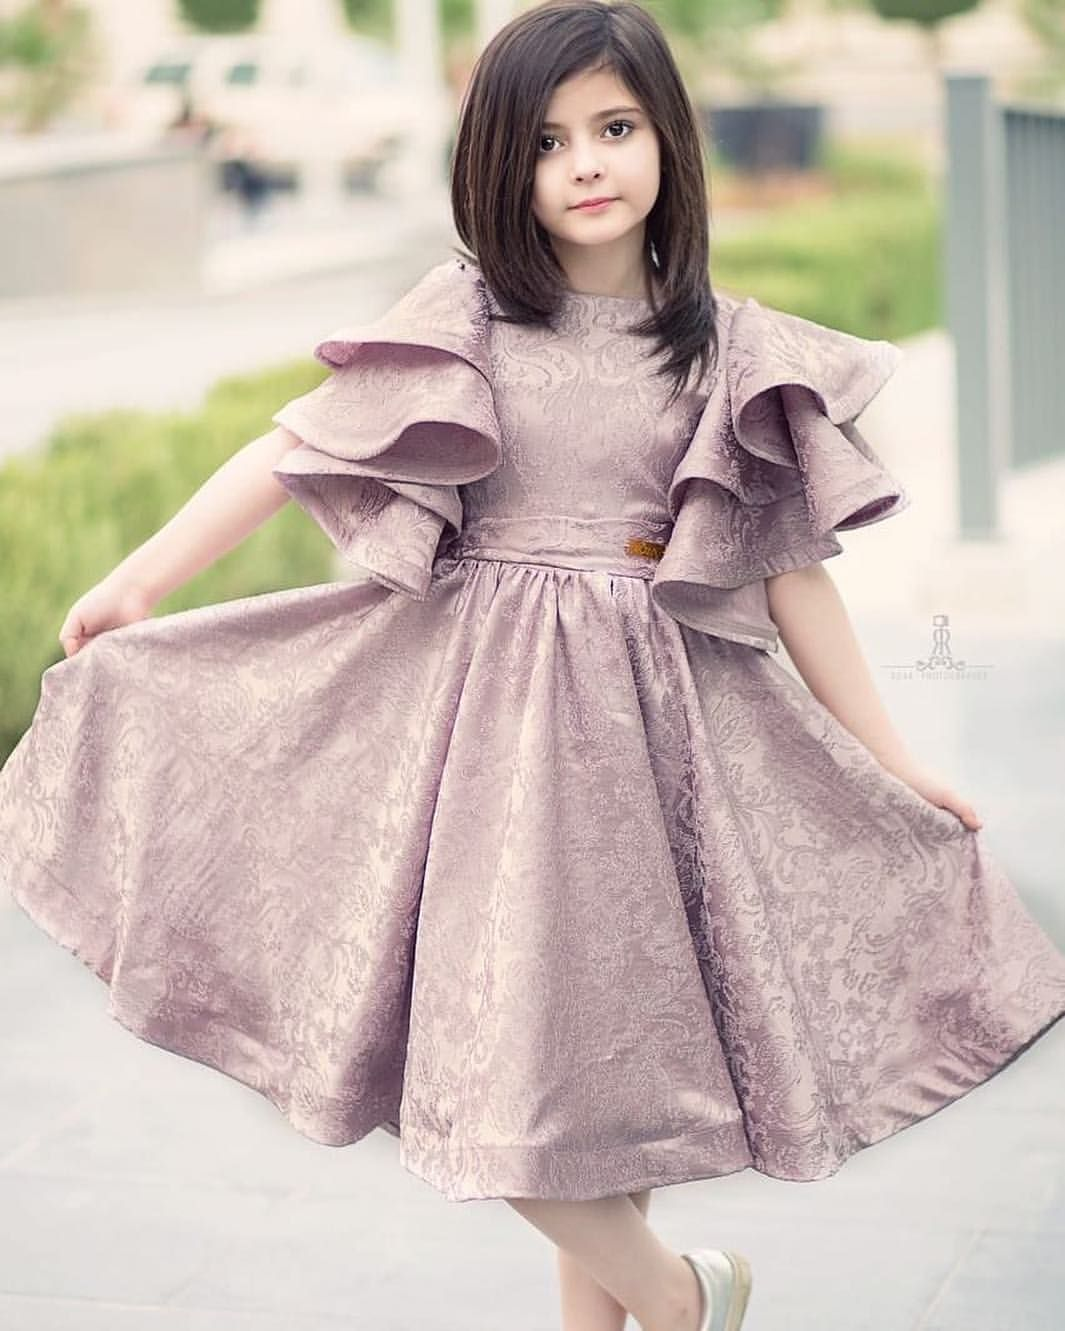 ㅤ شايفين هالزين طبعا من المصممة مها المقرن Dresses Kids Girl Cute Girl Dresses Kids Gown